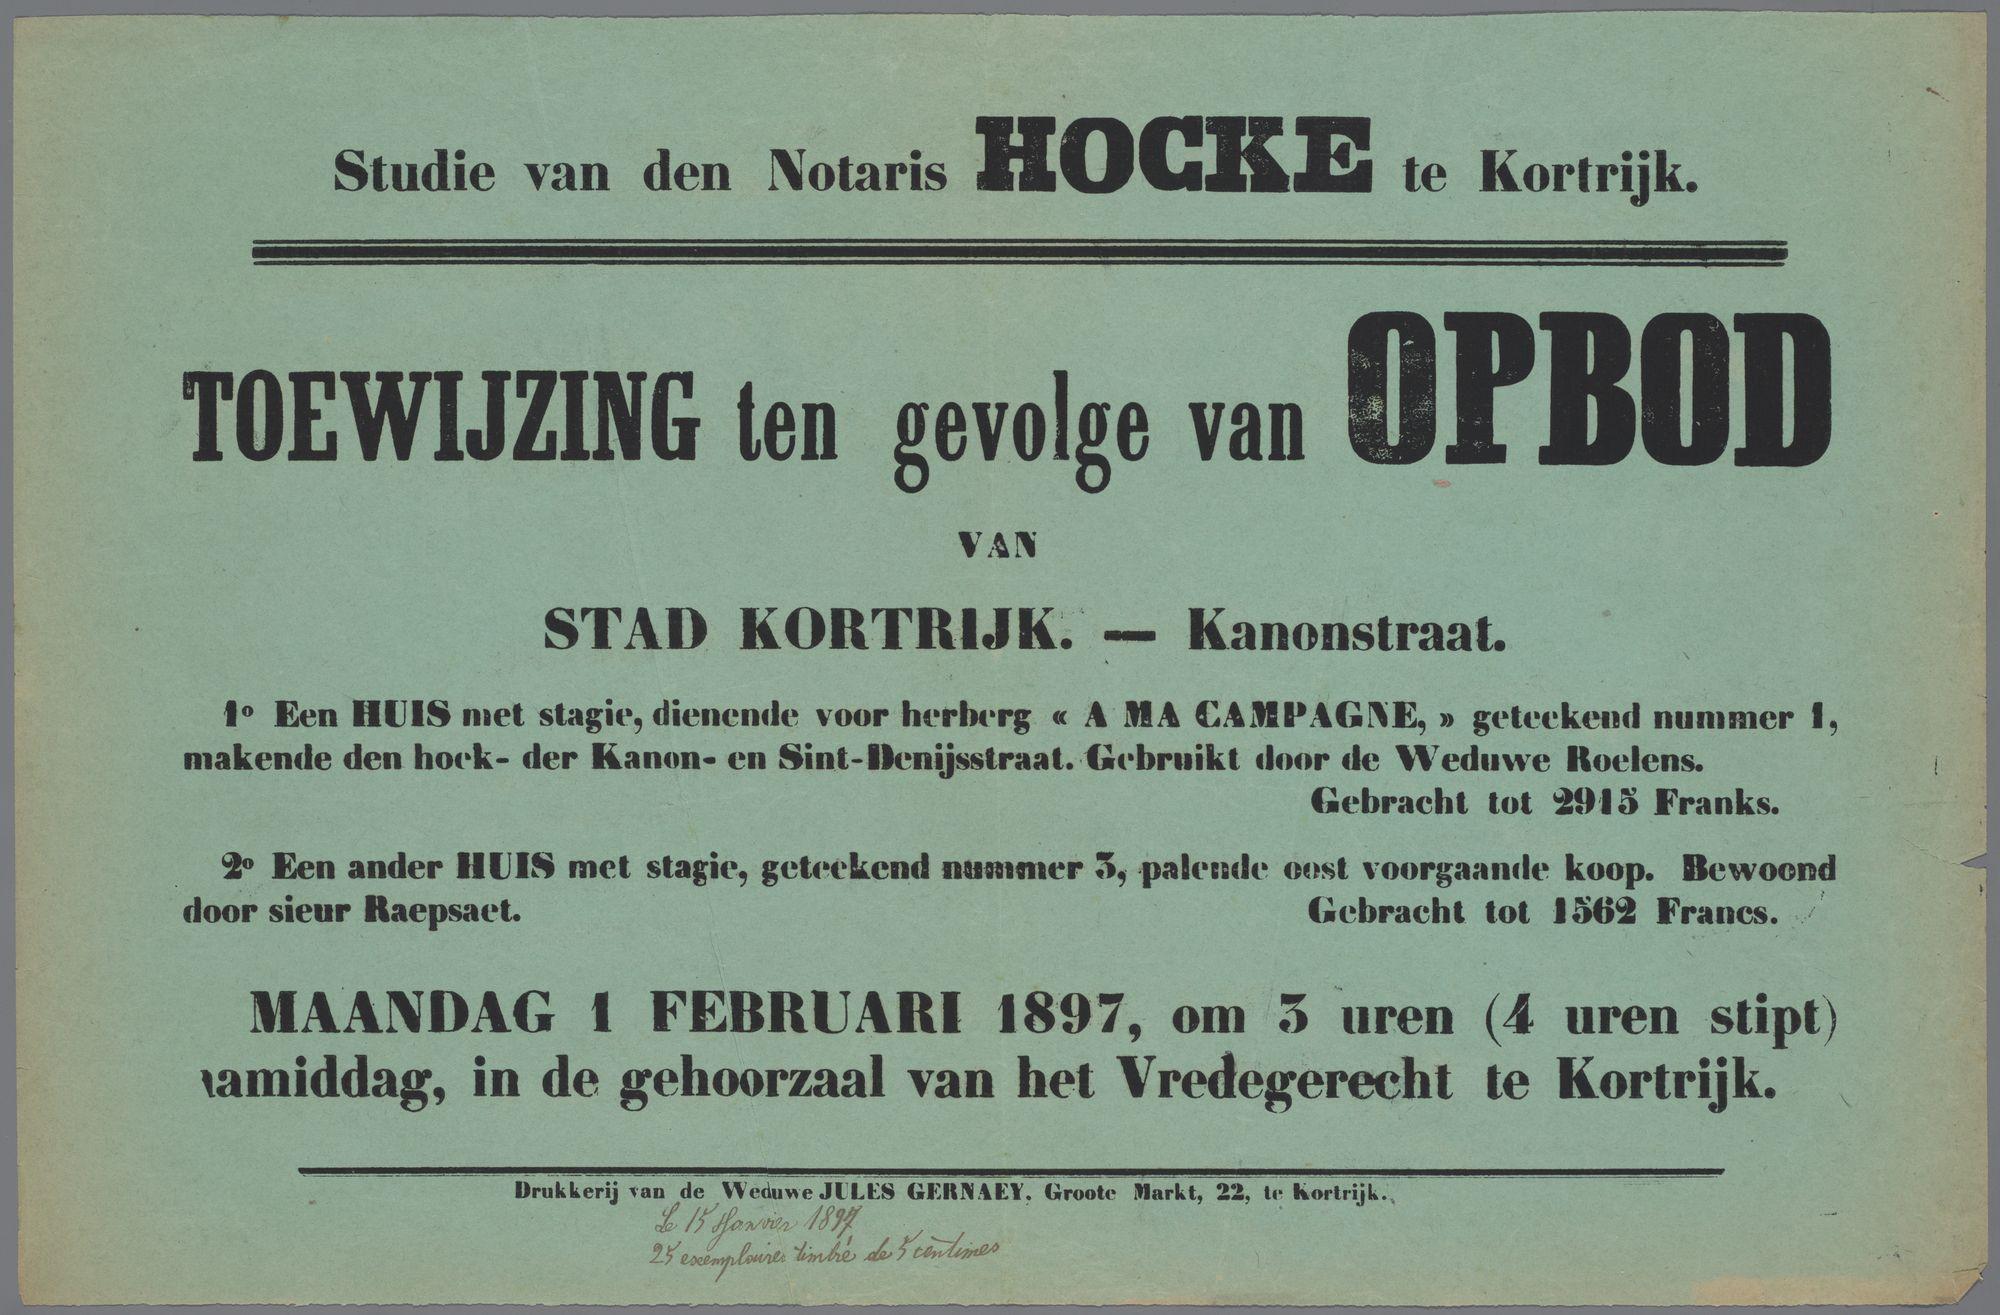 Toewijzing na opbod van woonhuizen te Kortrijk 1897